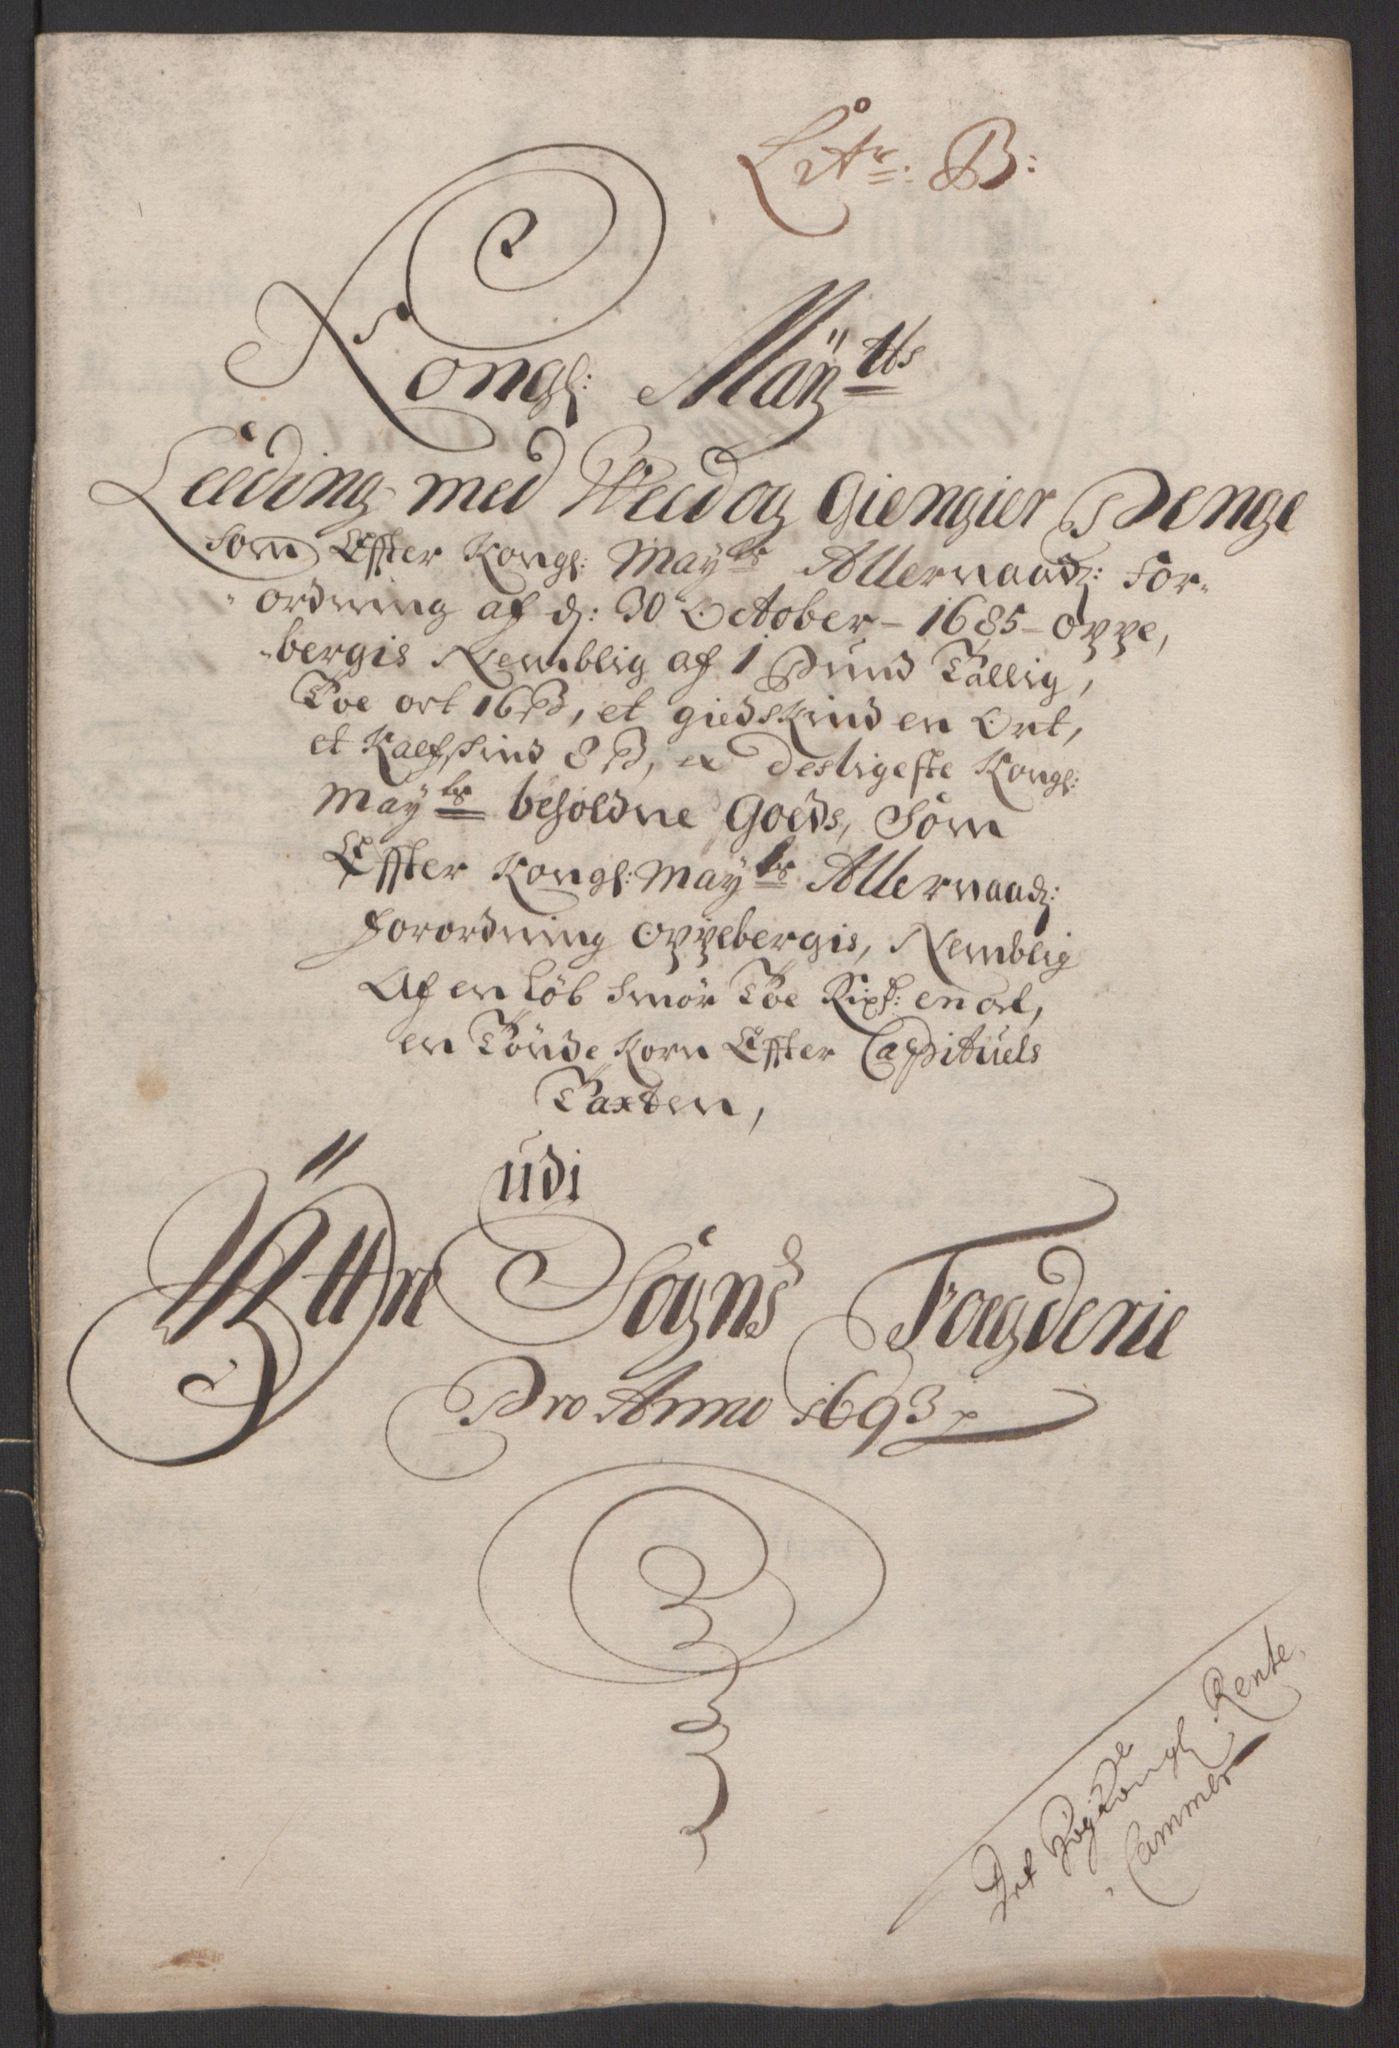 RA, Rentekammeret inntil 1814, Reviderte regnskaper, Fogderegnskap, R52/L3307: Fogderegnskap Sogn, 1693-1694, s. 203